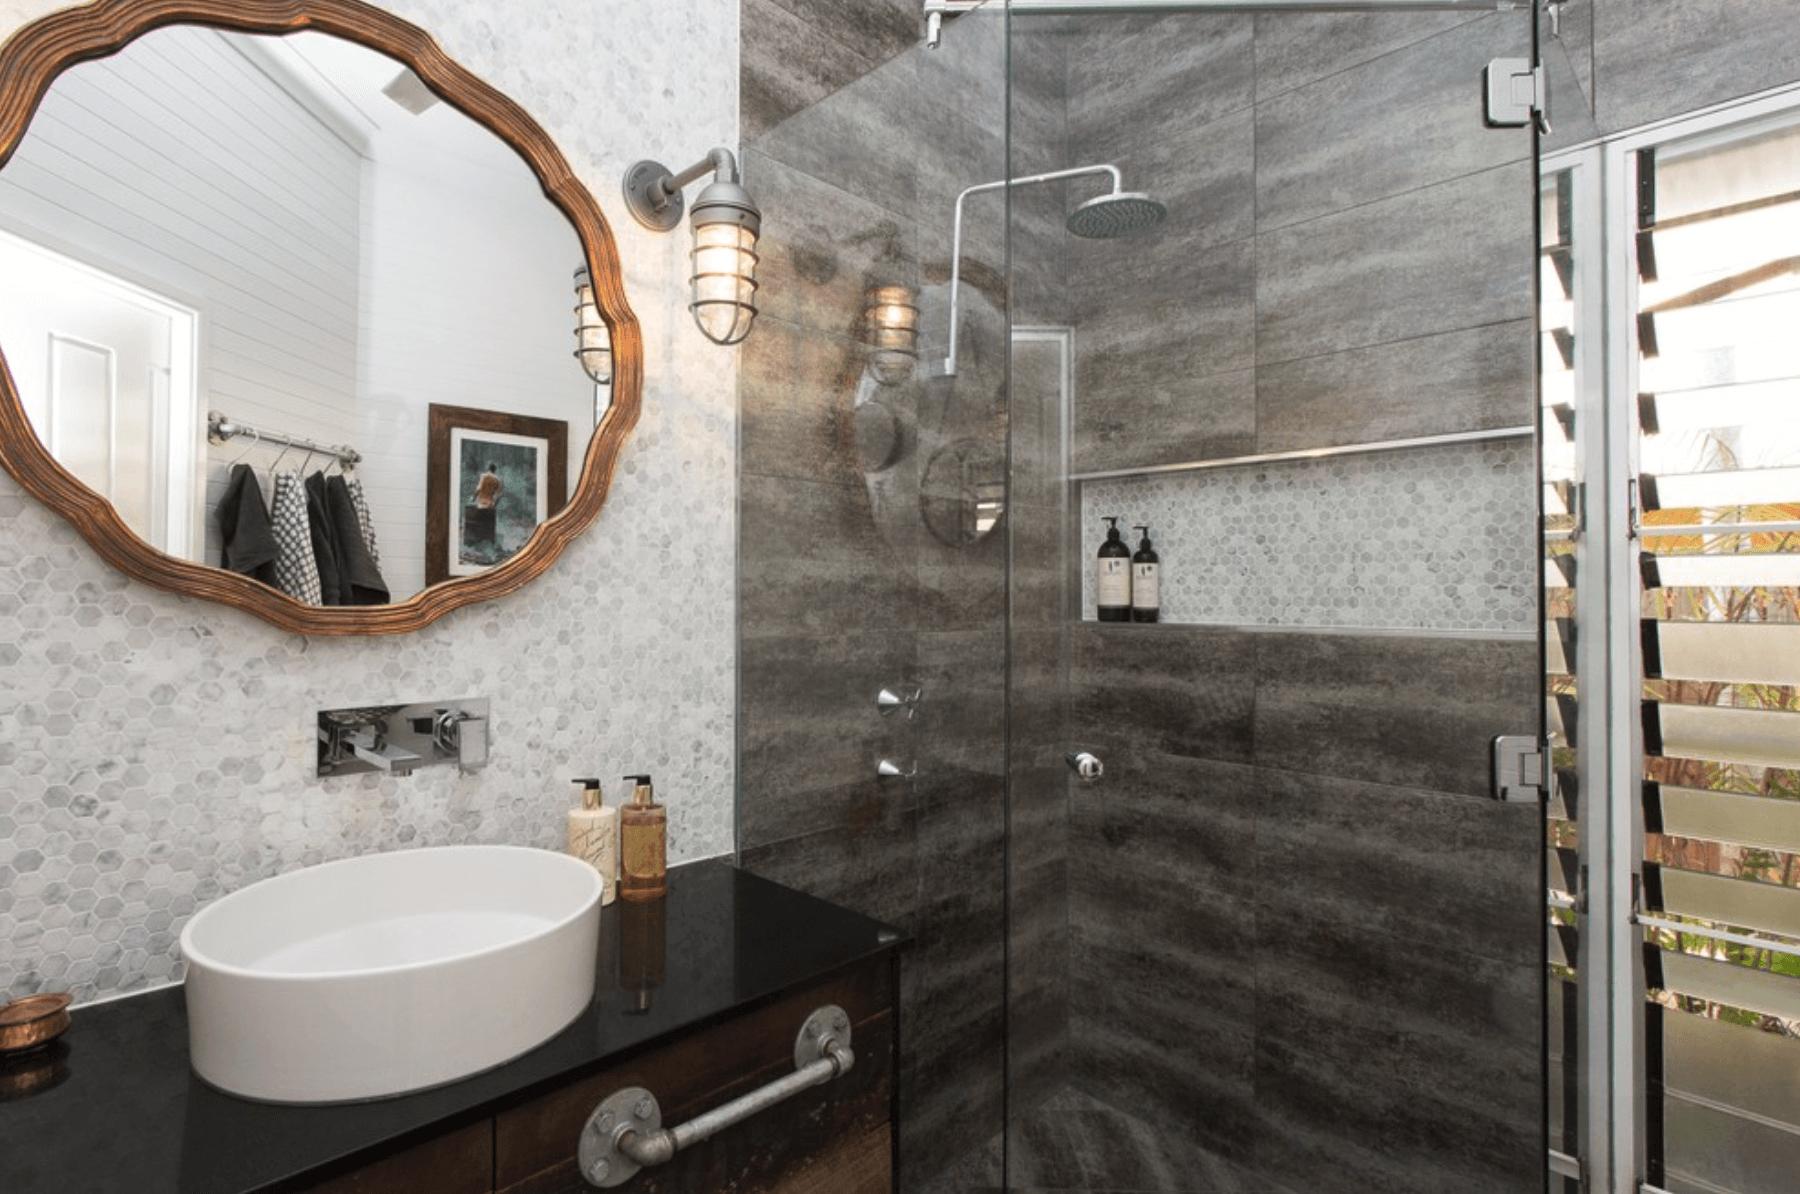 Banheiros Pequenos Fotos e Dicas Imperdíveis Arquidicas #985F33 1800 1194